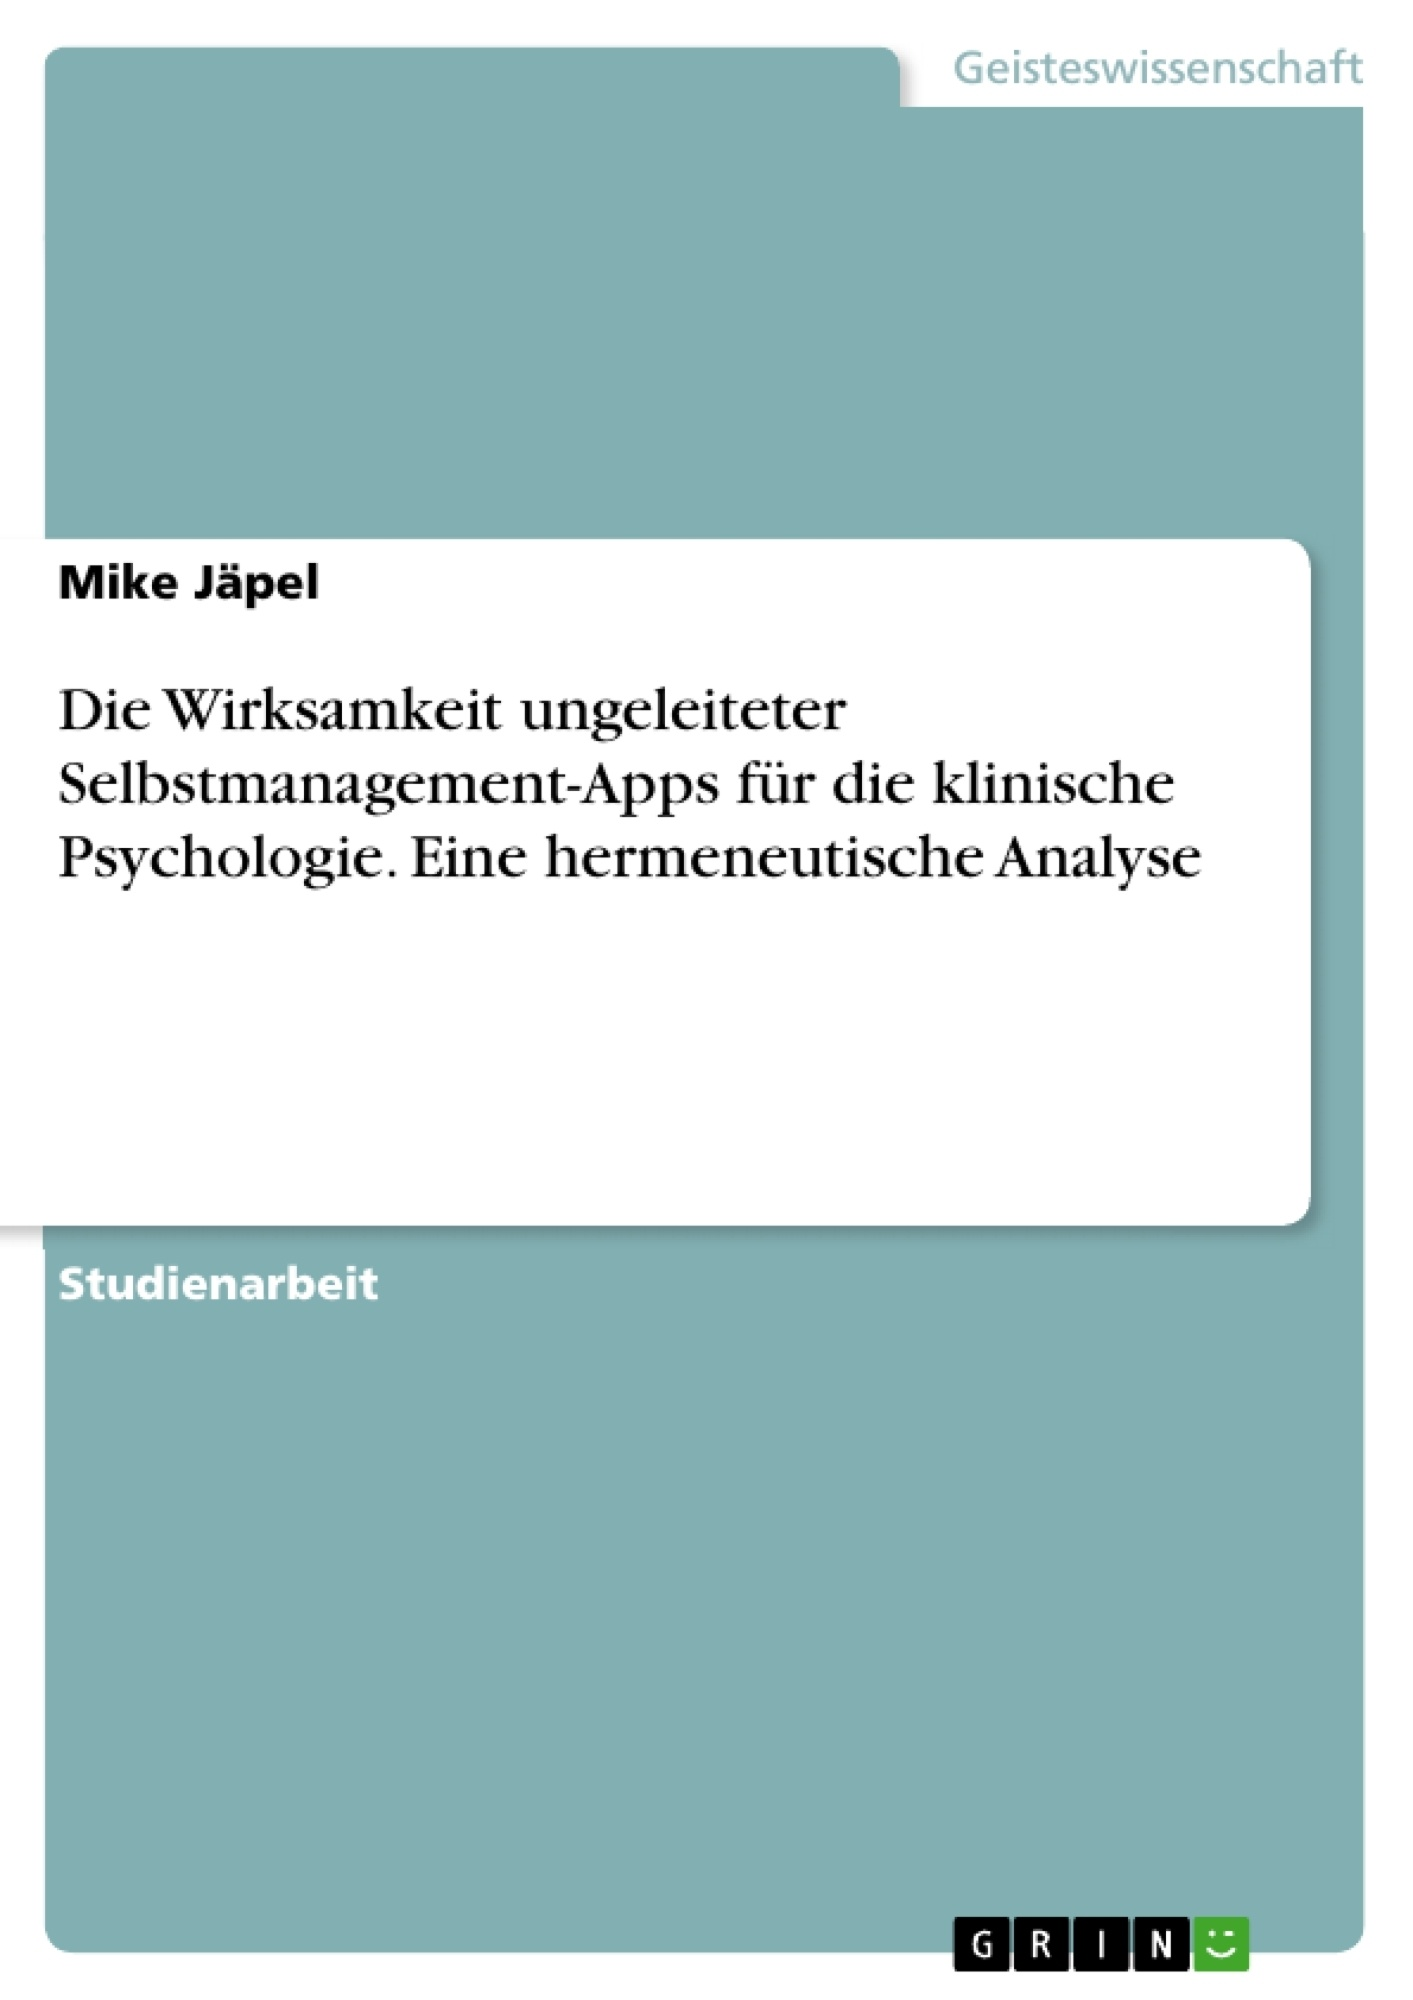 Titel: Die Wirksamkeit ungeleiteter Selbstmanagement-Apps für die klinische Psychologie. Eine hermeneutische Analyse